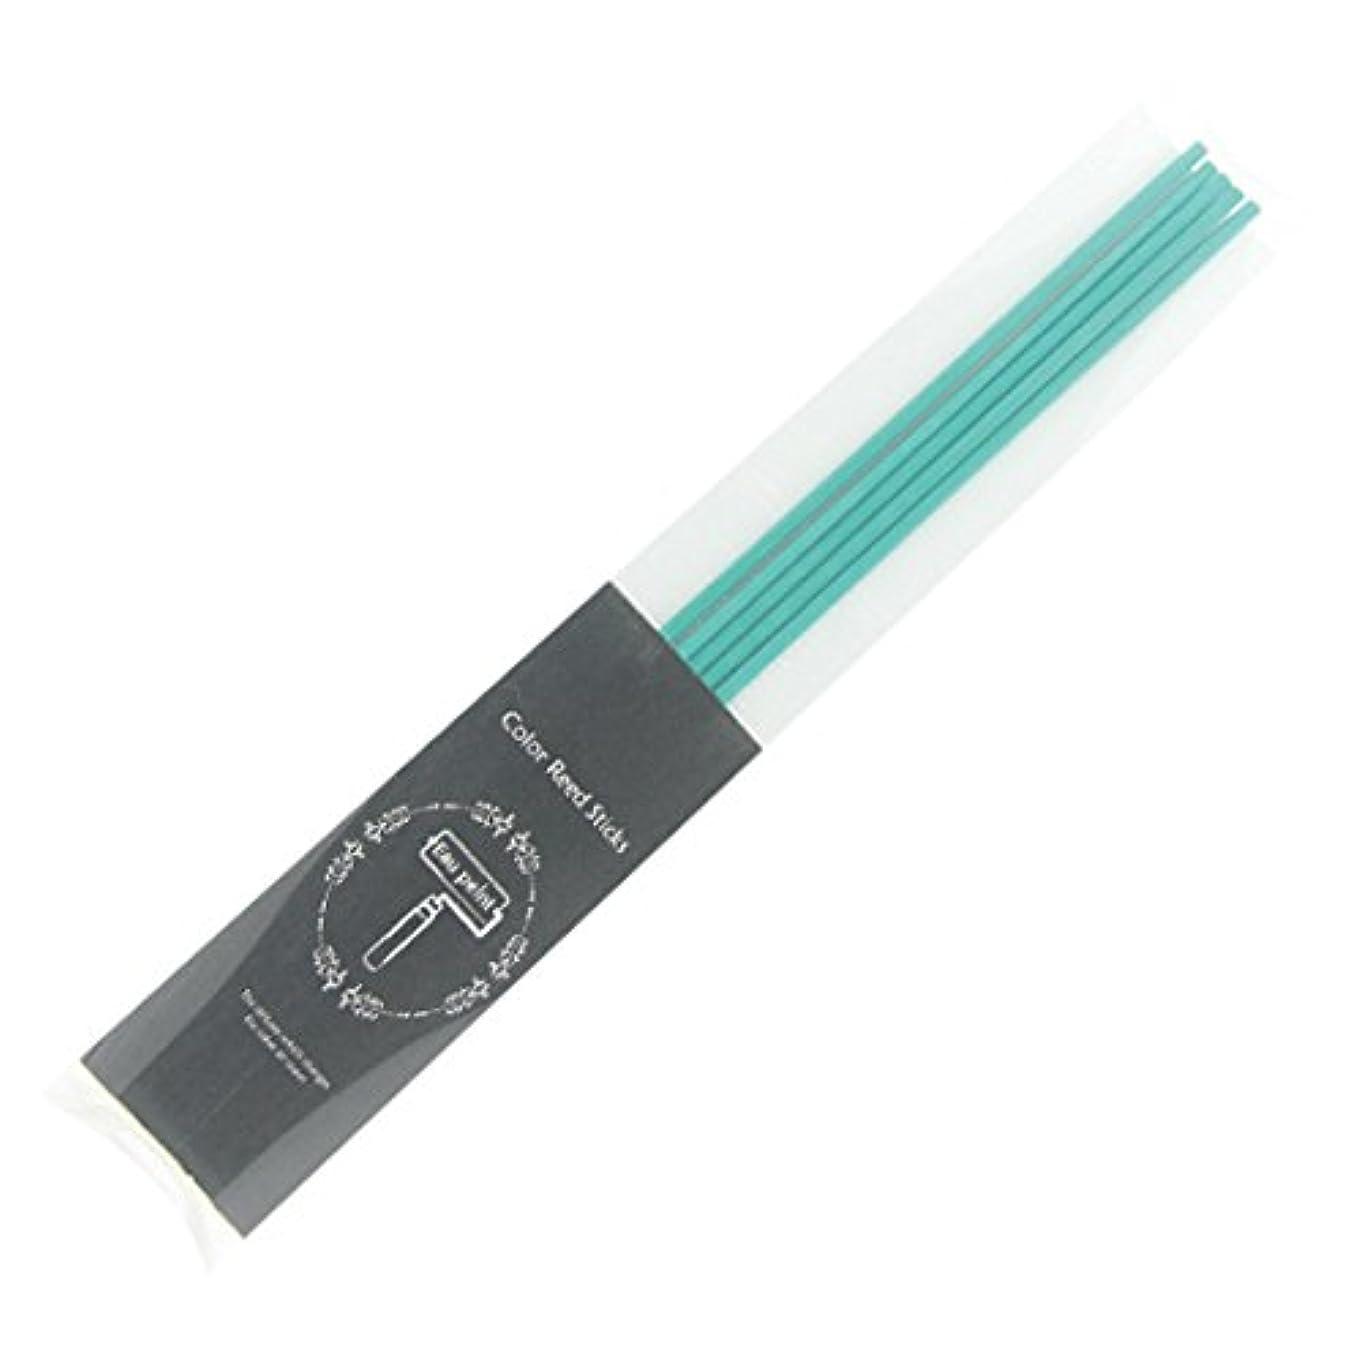 ボーナス統治可能粘液Eau peint mais+ カラースティック リードディフューザー用スティック 5本入 ターコイズ Turquoise オーペイント マイス